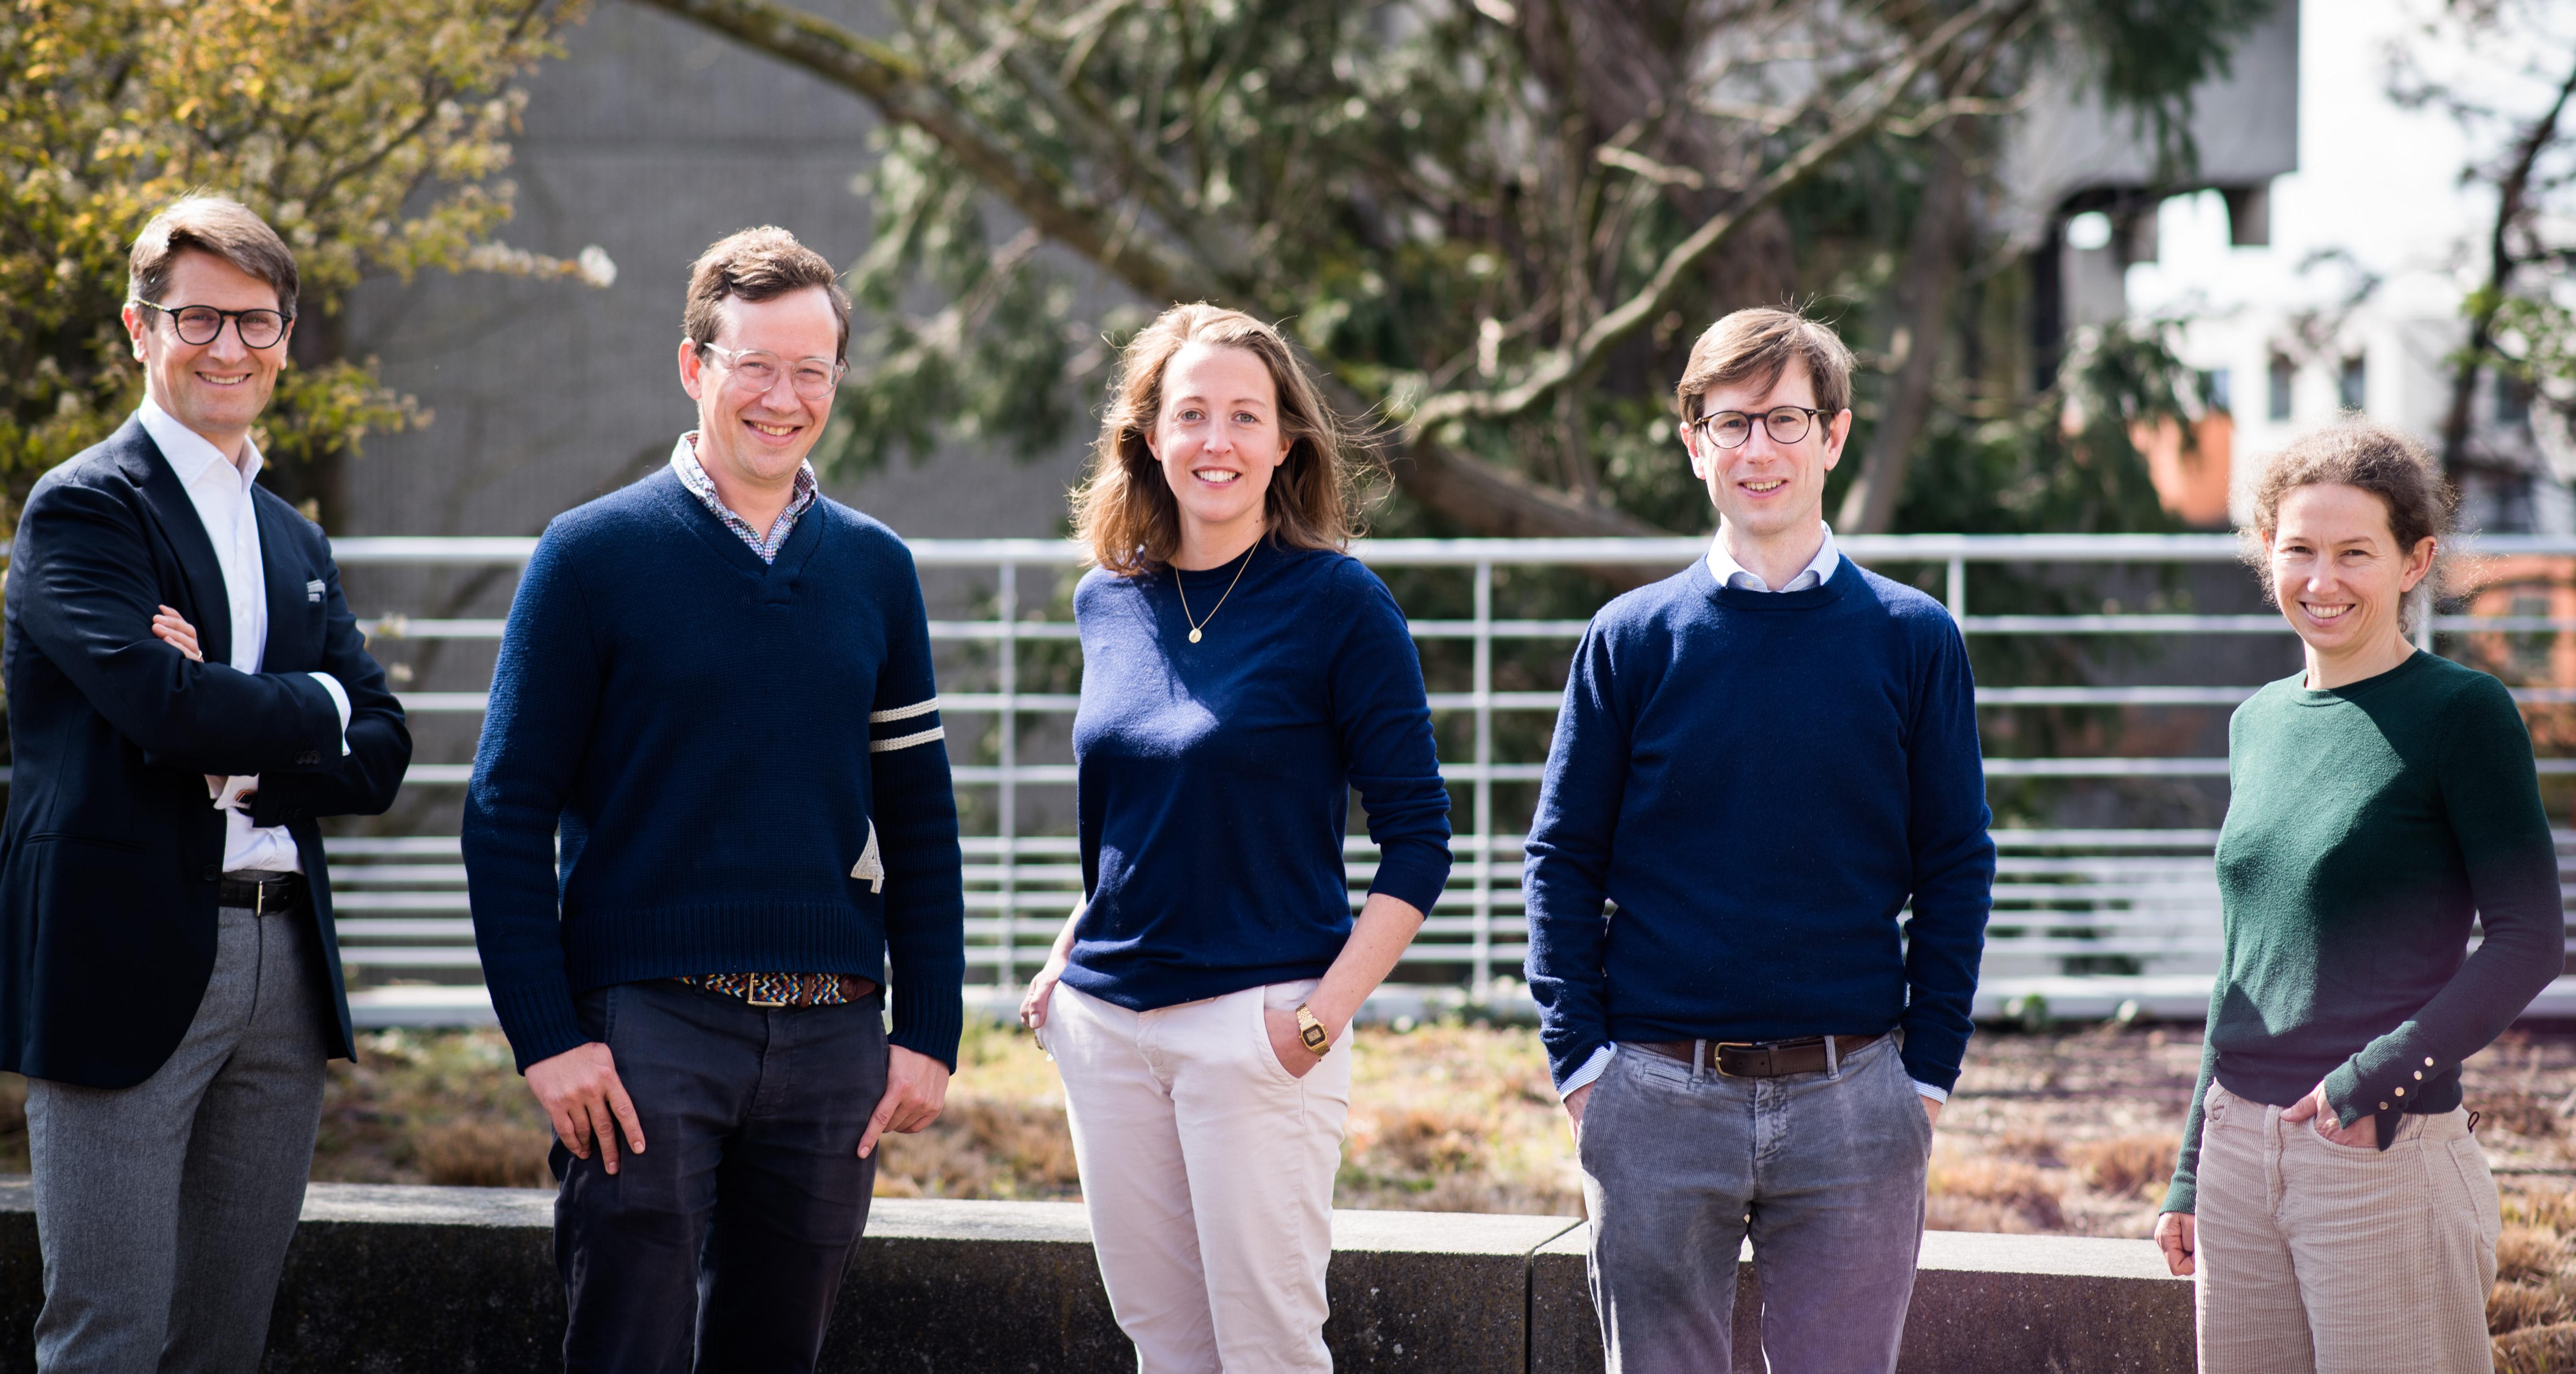 PaxFamilia réunit 3 entrepreneurs, une banque et une famille pour devenir la référence WealthTech en Europe.